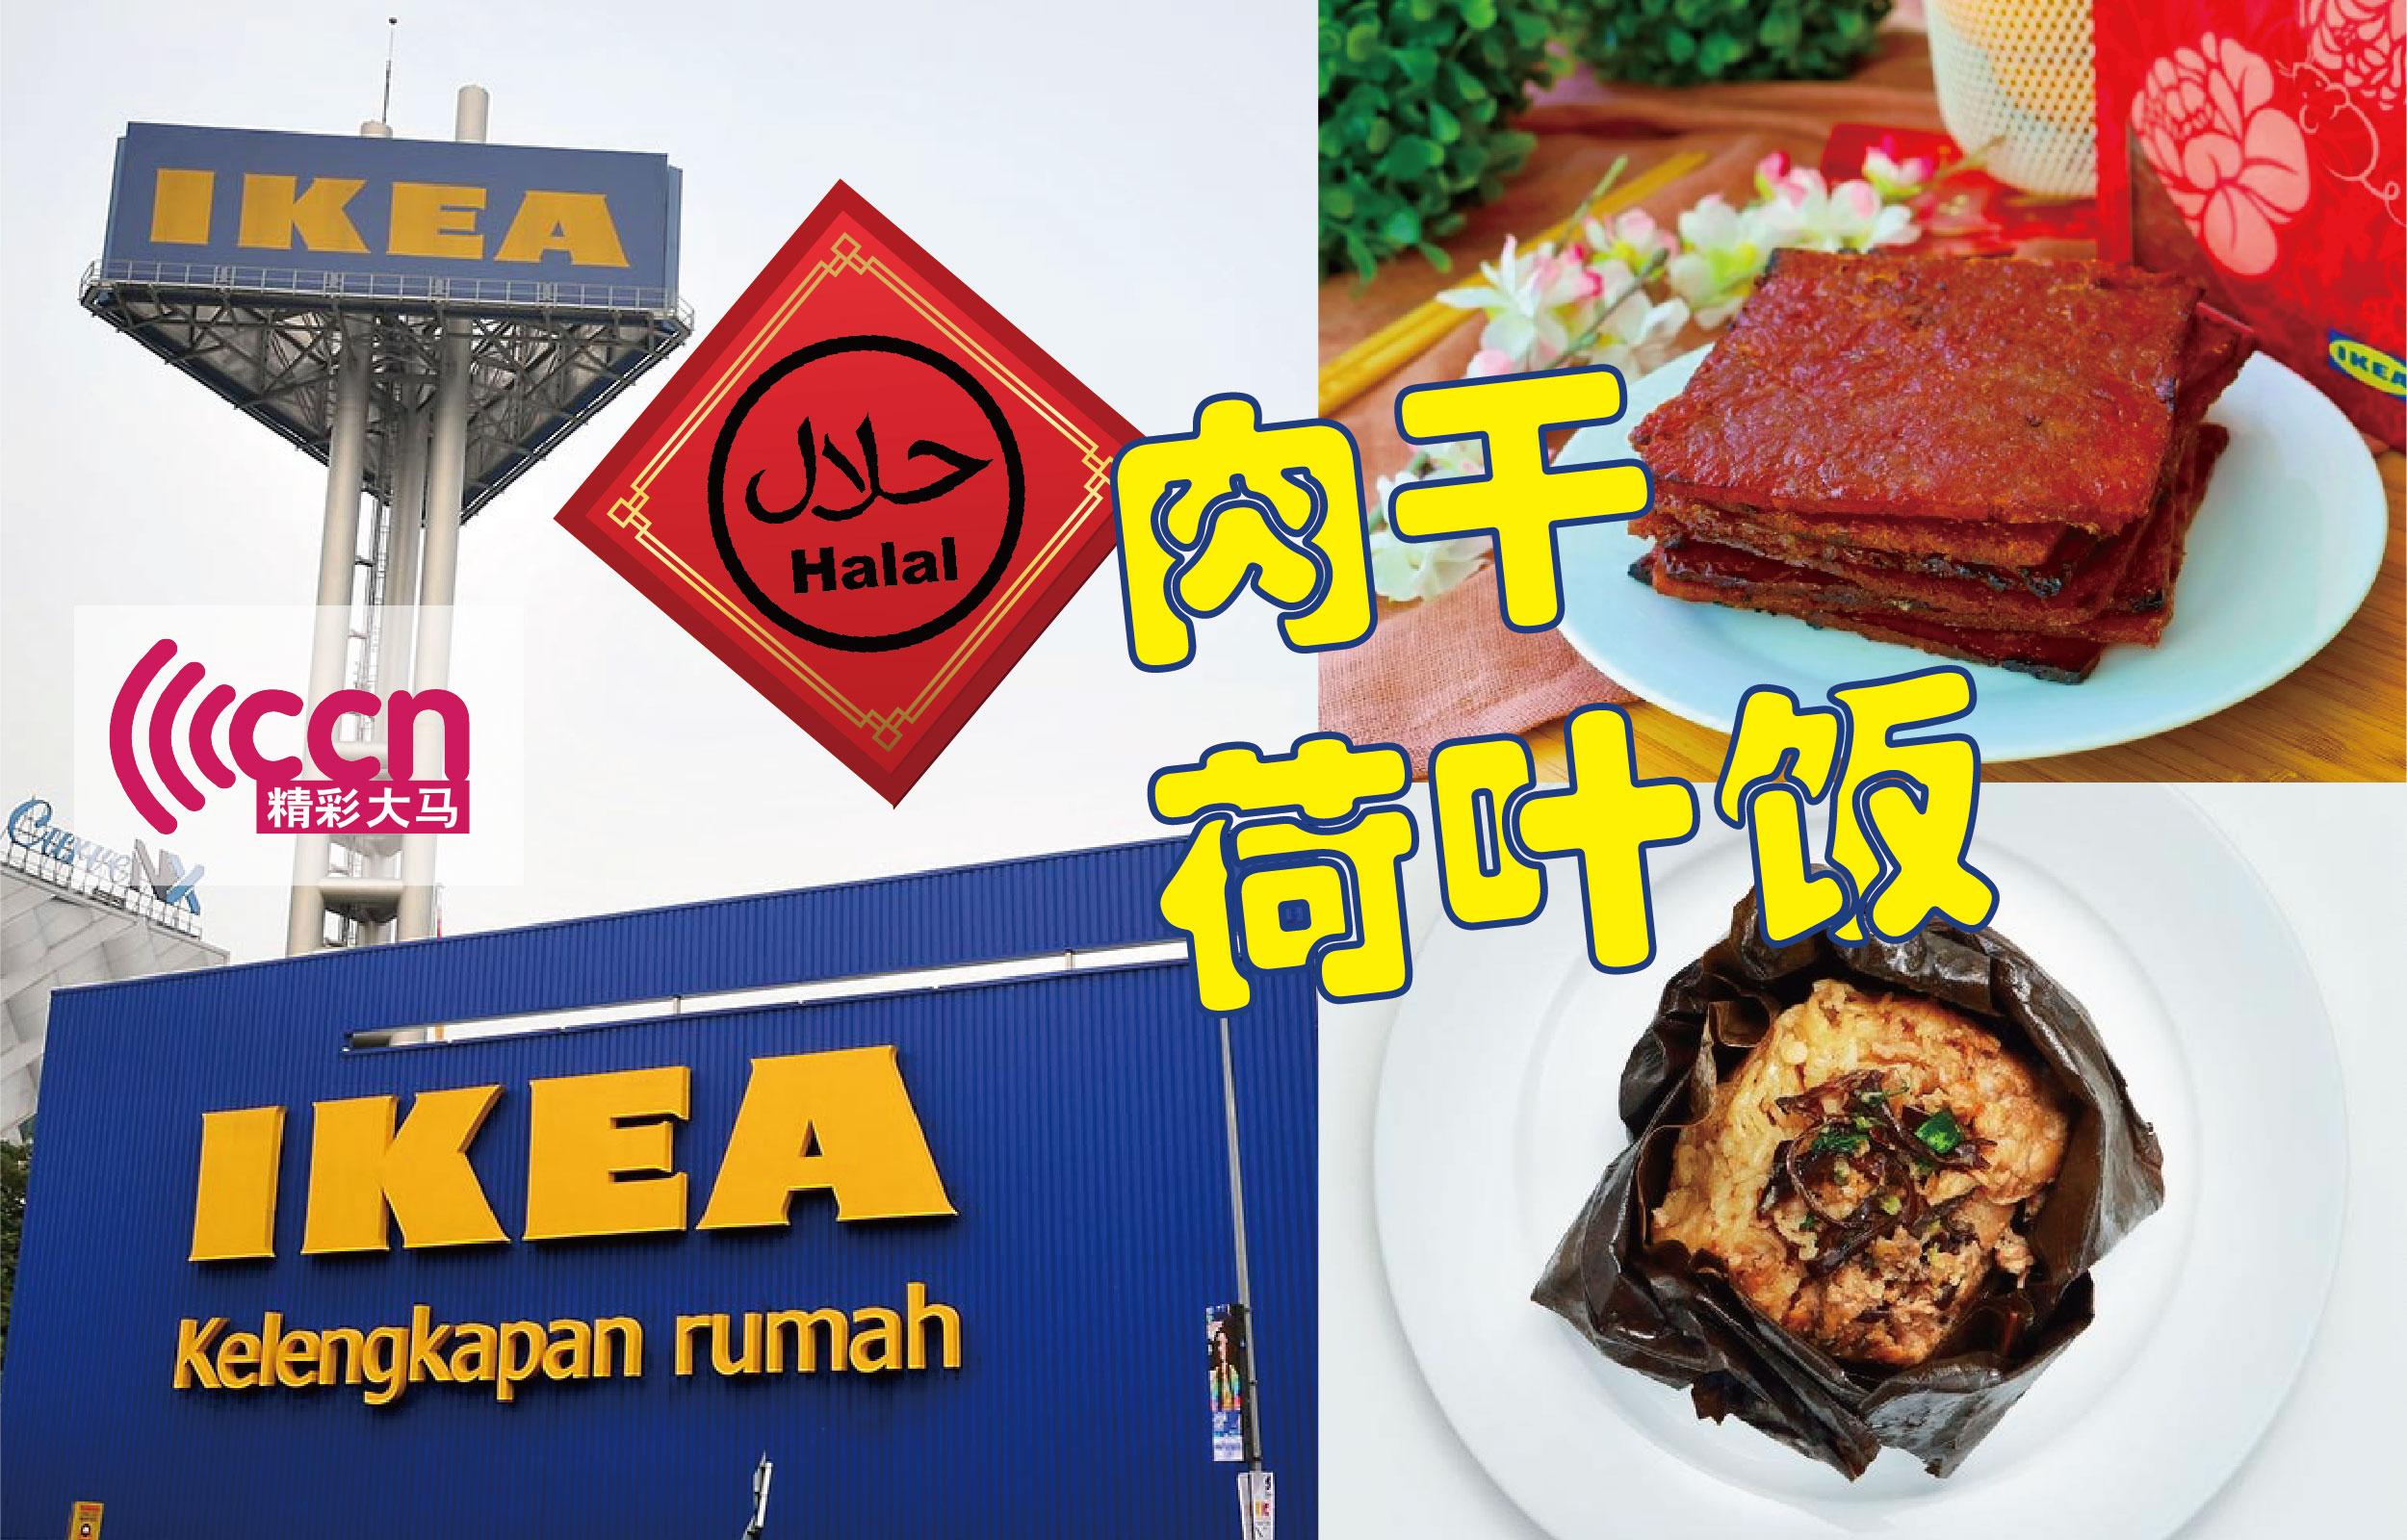 IKEA配合农历新年的到来,推出了清真肉干,让各族共享佳节气氛。 -精彩大马制图-